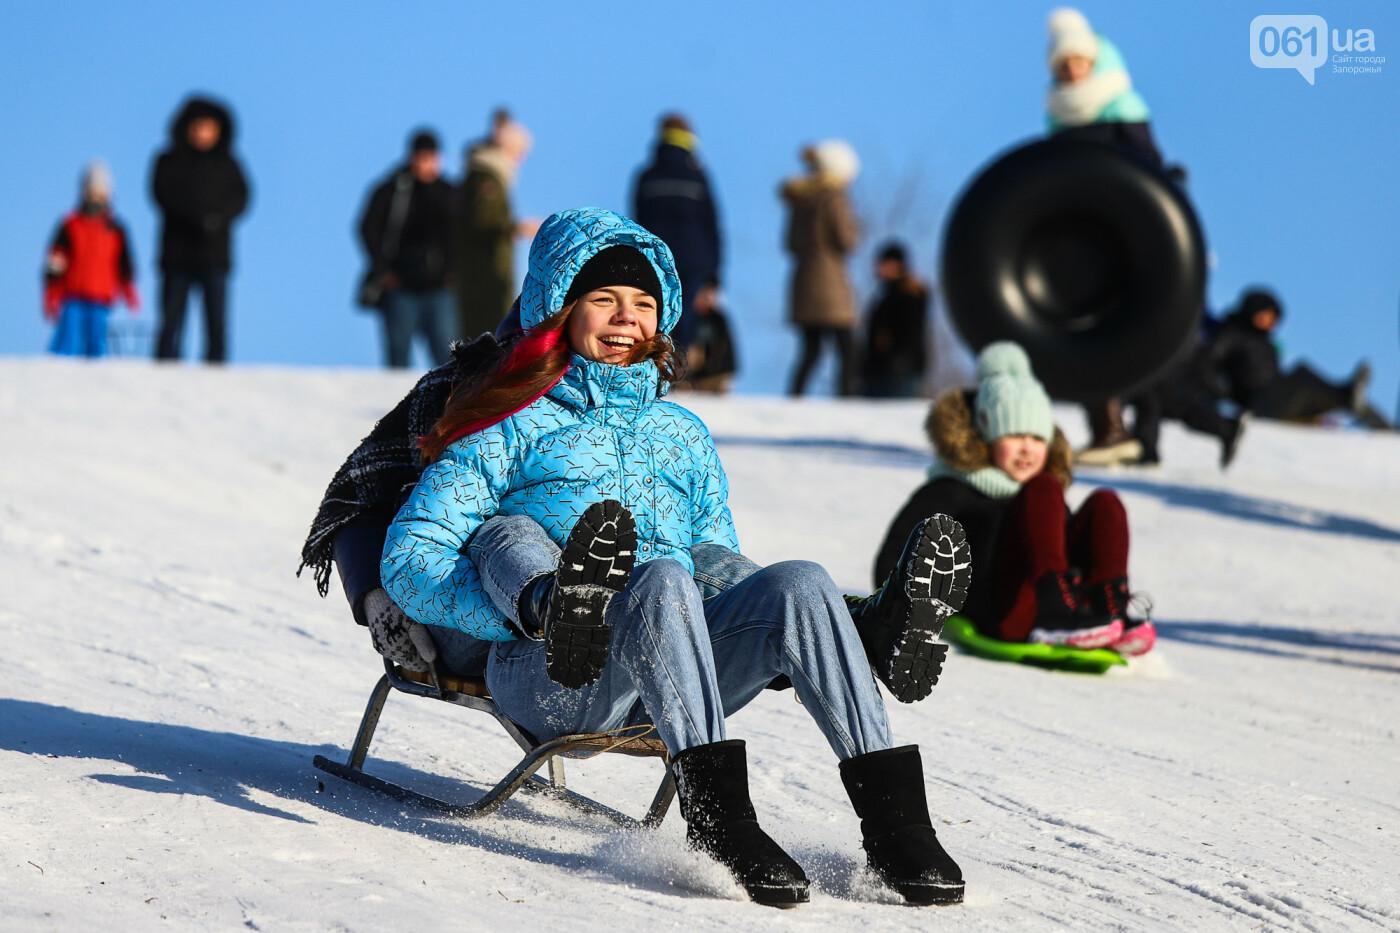 На санках, лыжах и сноуборде: запорожцы устроили массовое катание с горок в Вознесеновском парке, - ФОТОРЕПОРТАЖ, фото-82